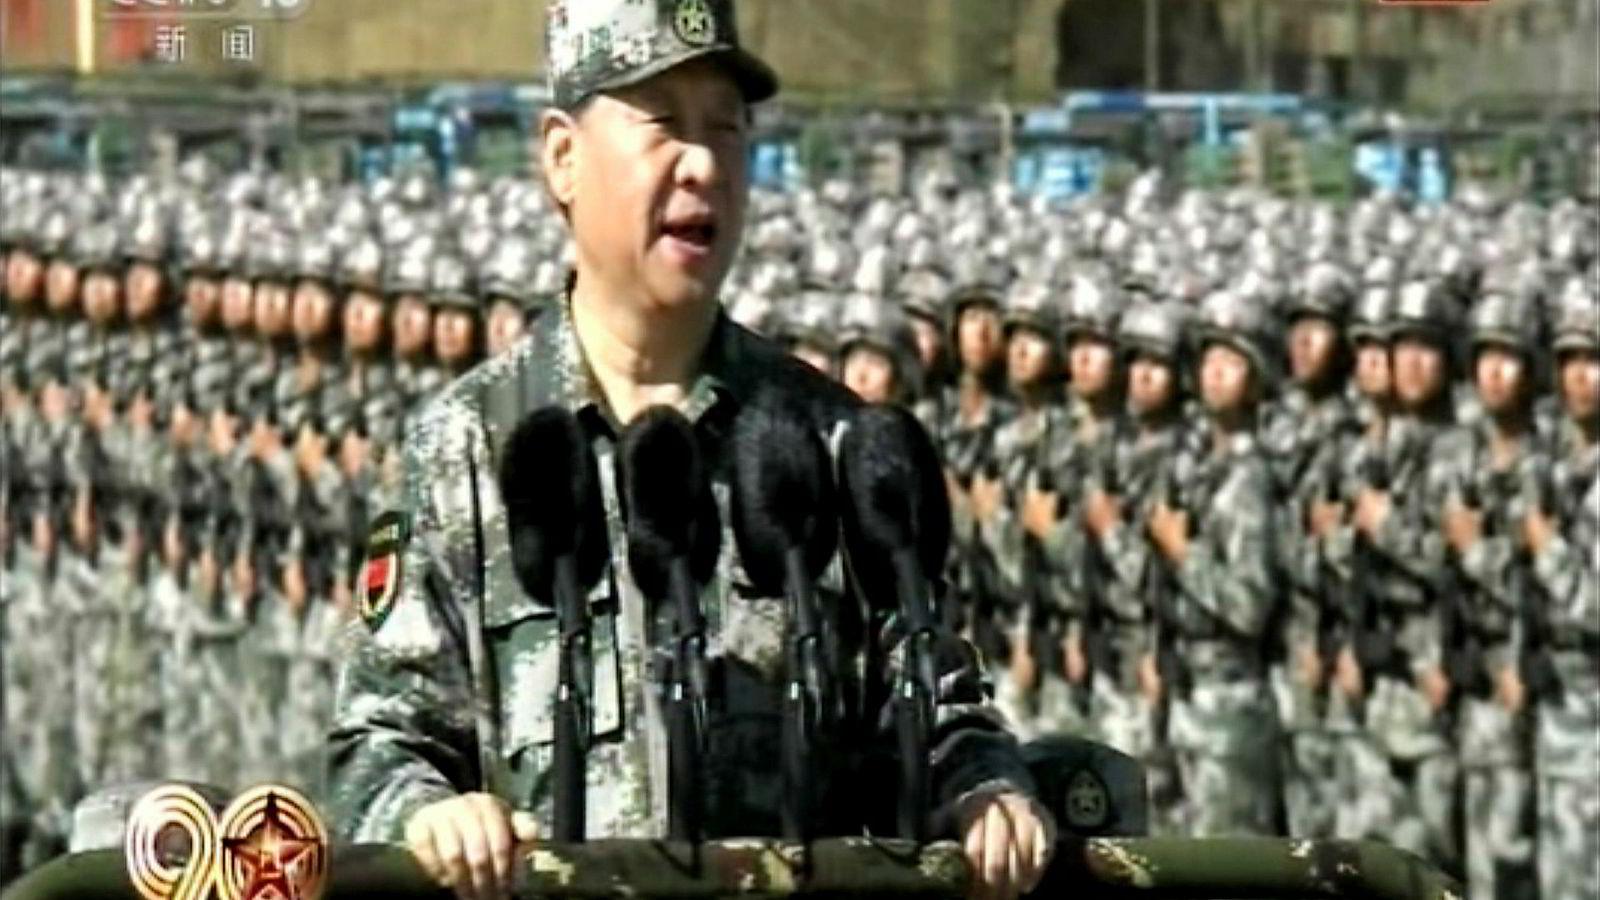 En kampklar kinesisk president inspiserte folkehæren i helgen. Xi Jinping har modernisert hæren, og den skal være kampklar på kort varsel.